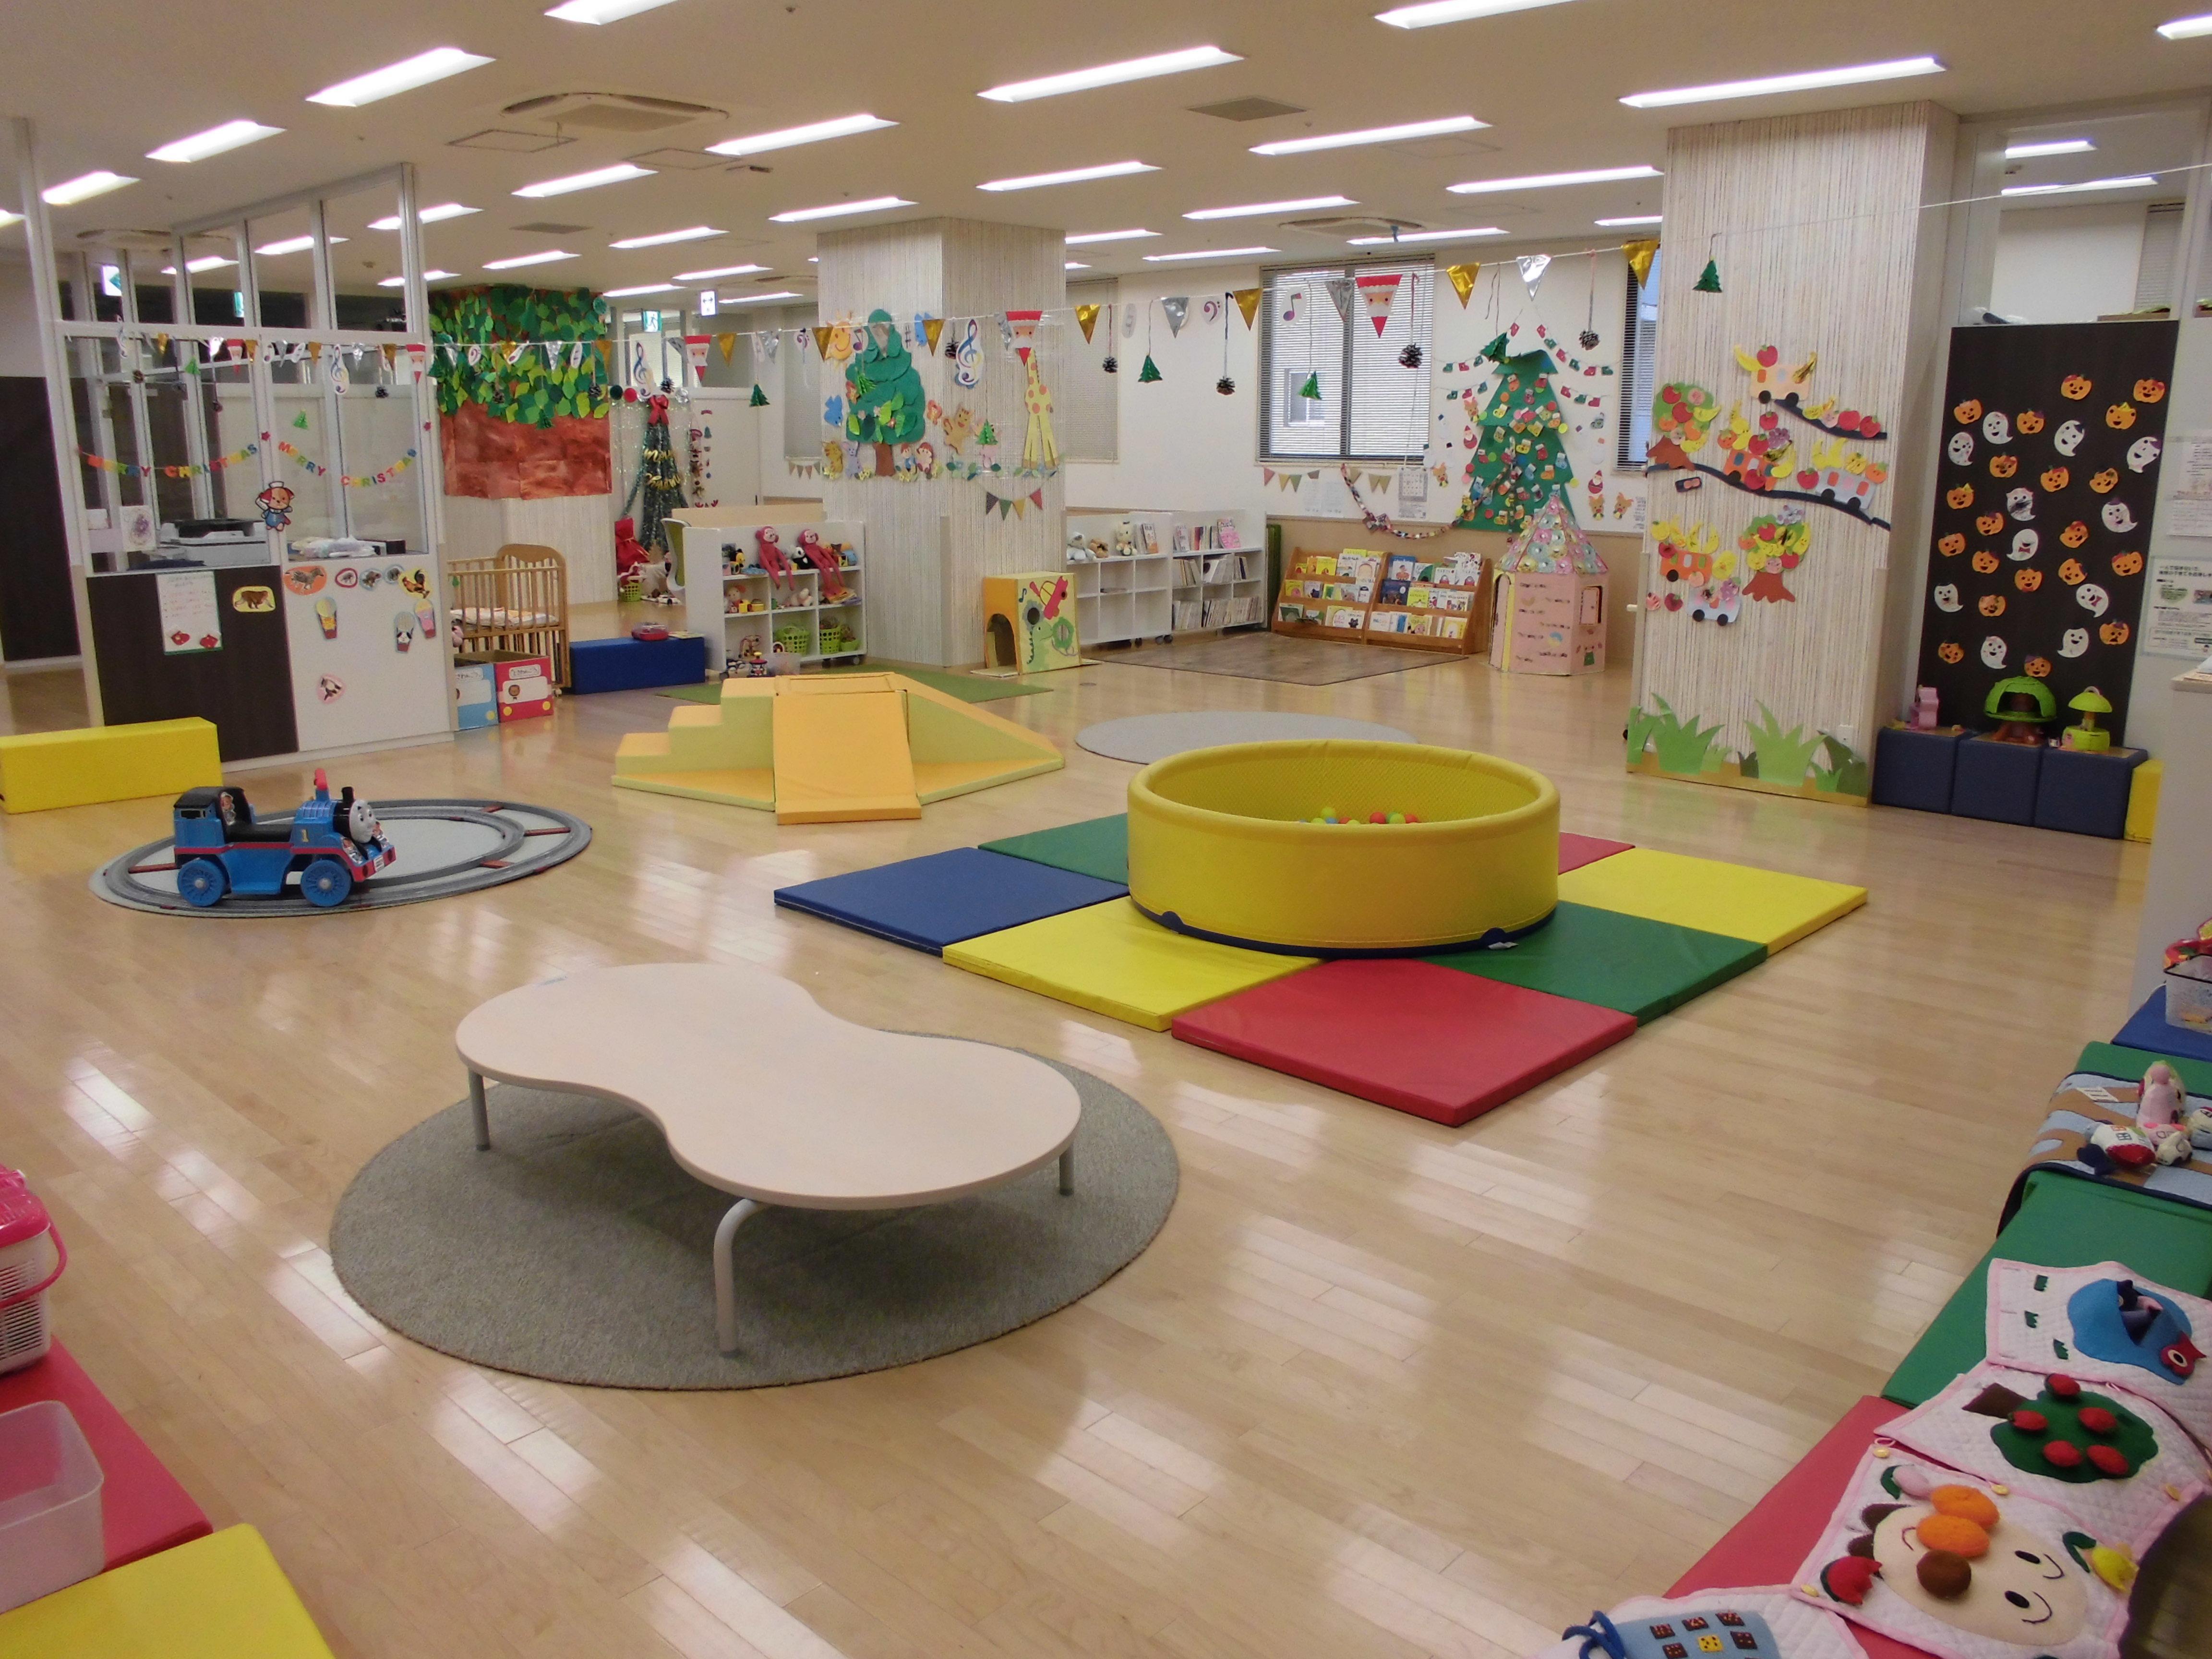 神戸常盤大学 子育て総合支援施設KIT